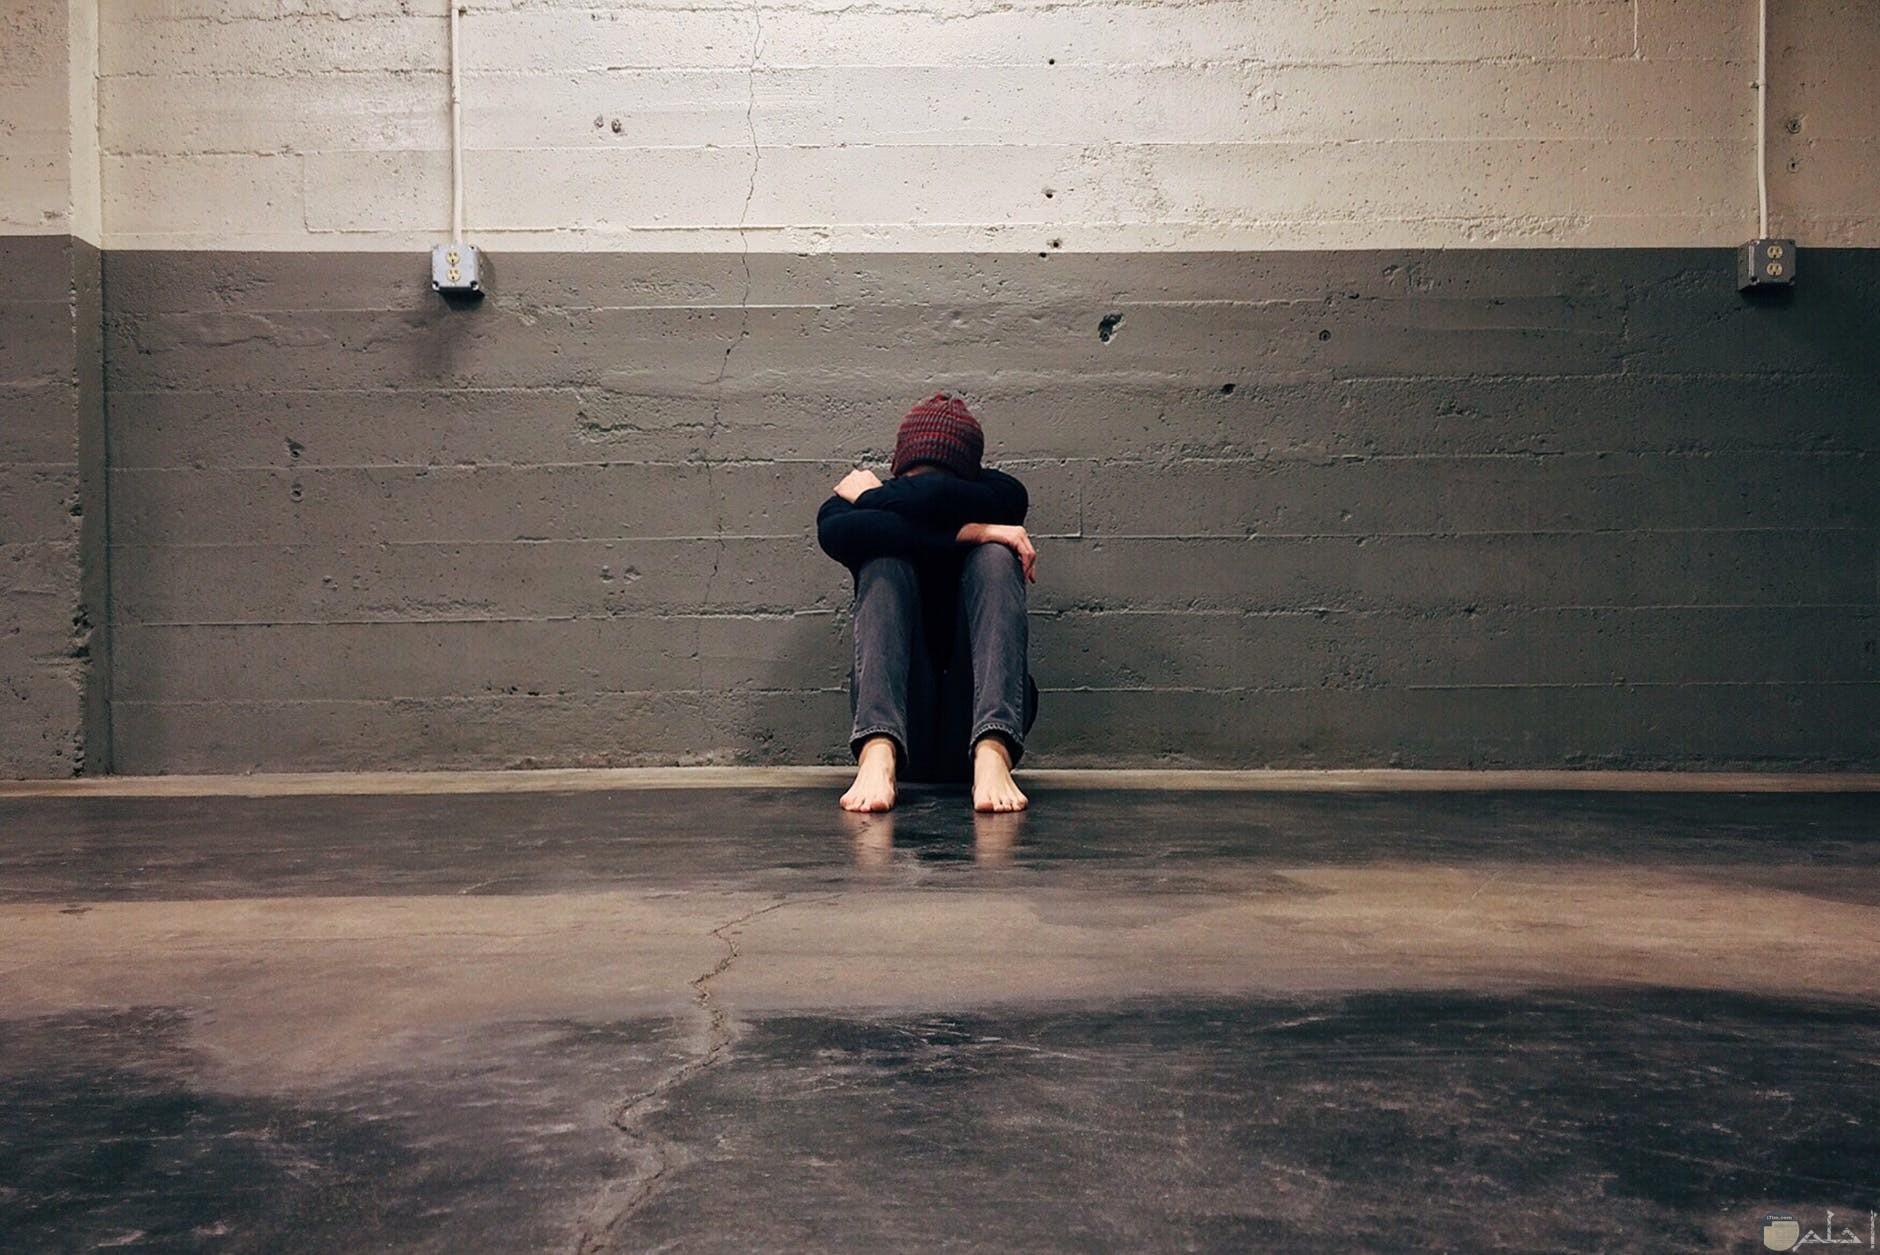 صورة تعبر عن الحزن